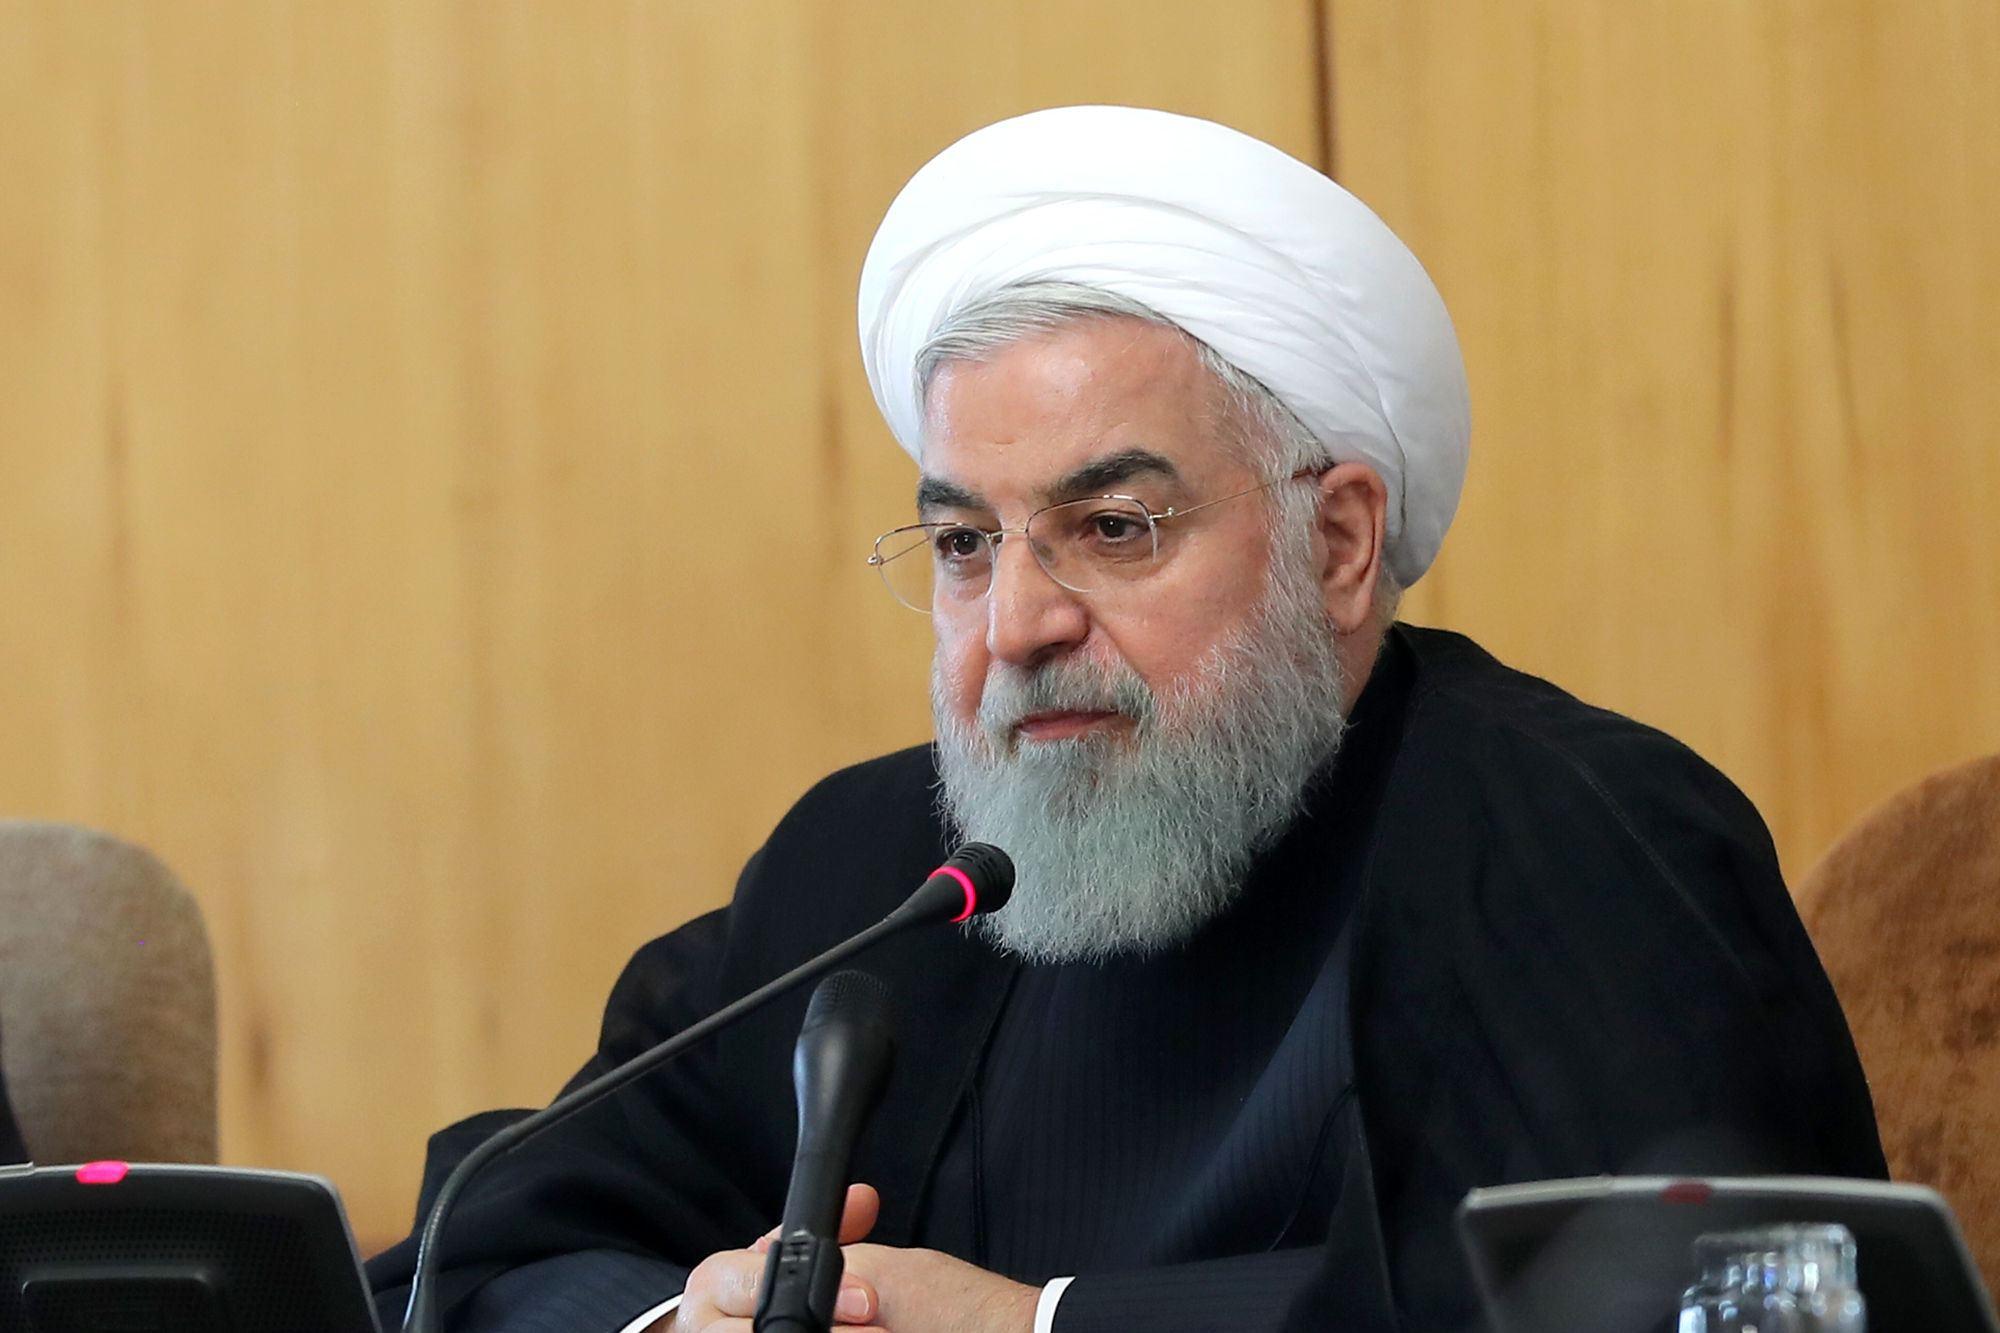 روحانی: ضرورت تداوم رعایت شرایط و دستور العملهای بهداشتی تا کنترل و قطع کرونا